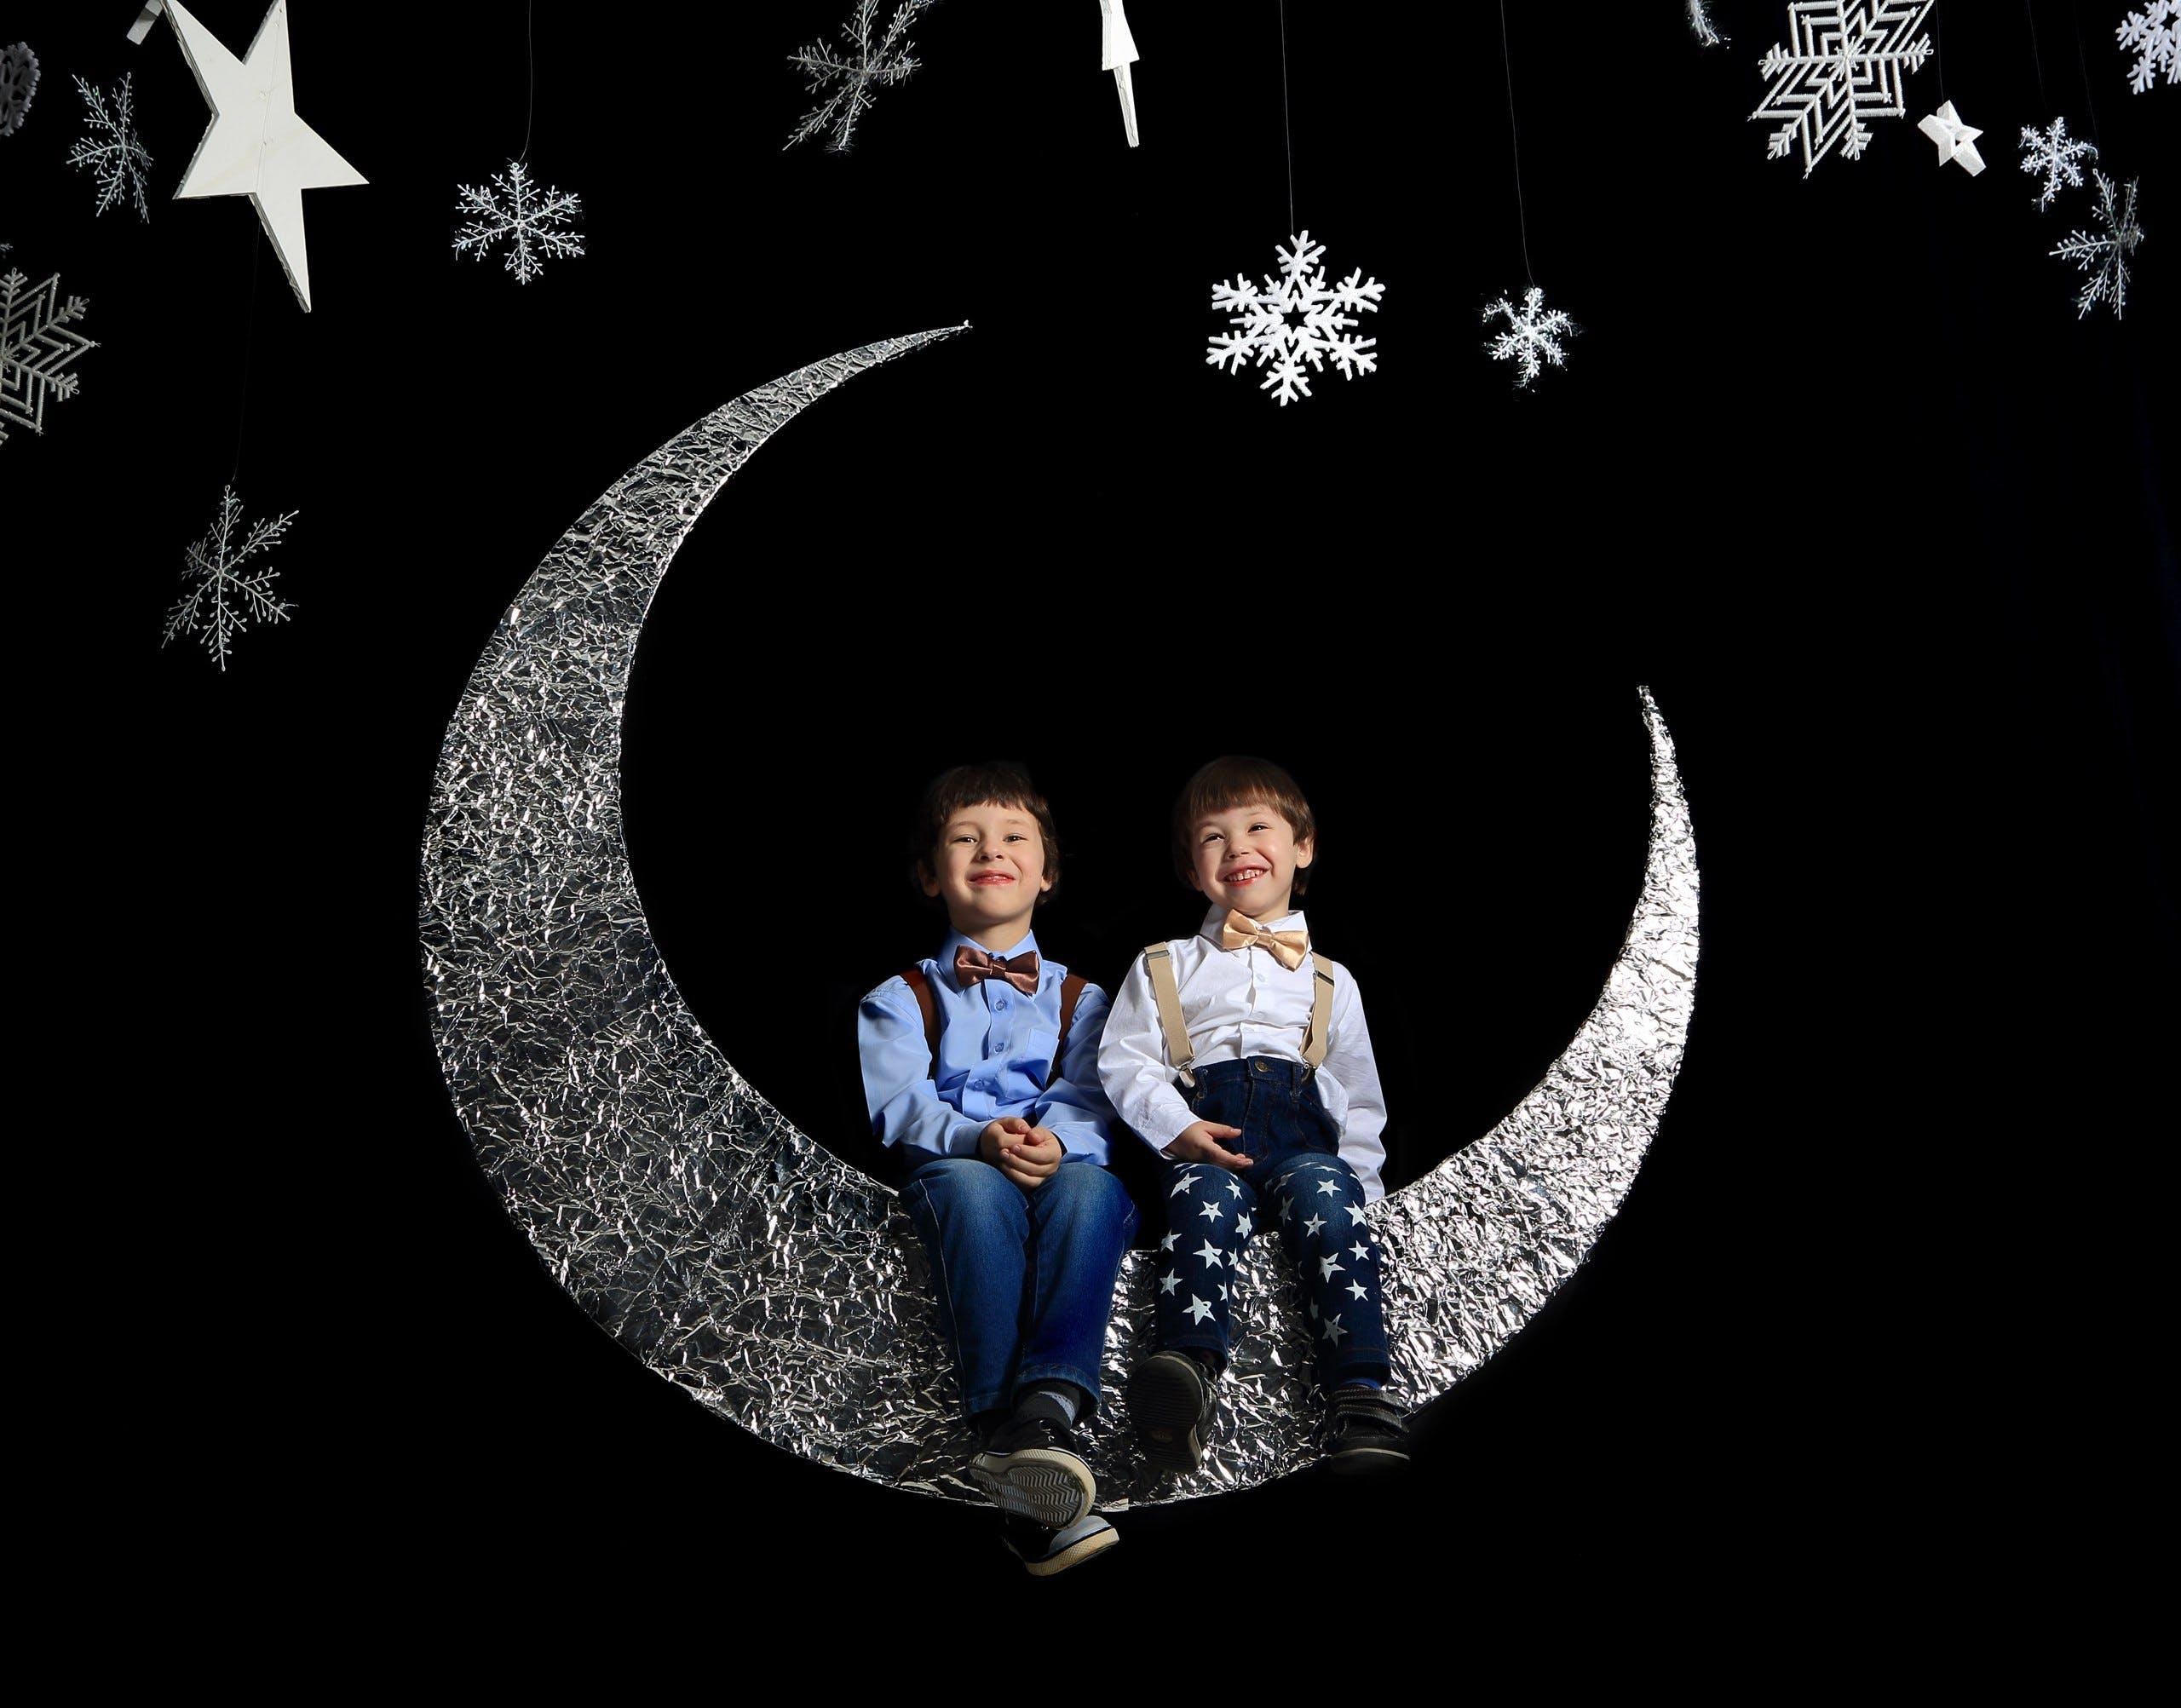 Jumeaux assis sur un croissant de lune | Photo : Pexels